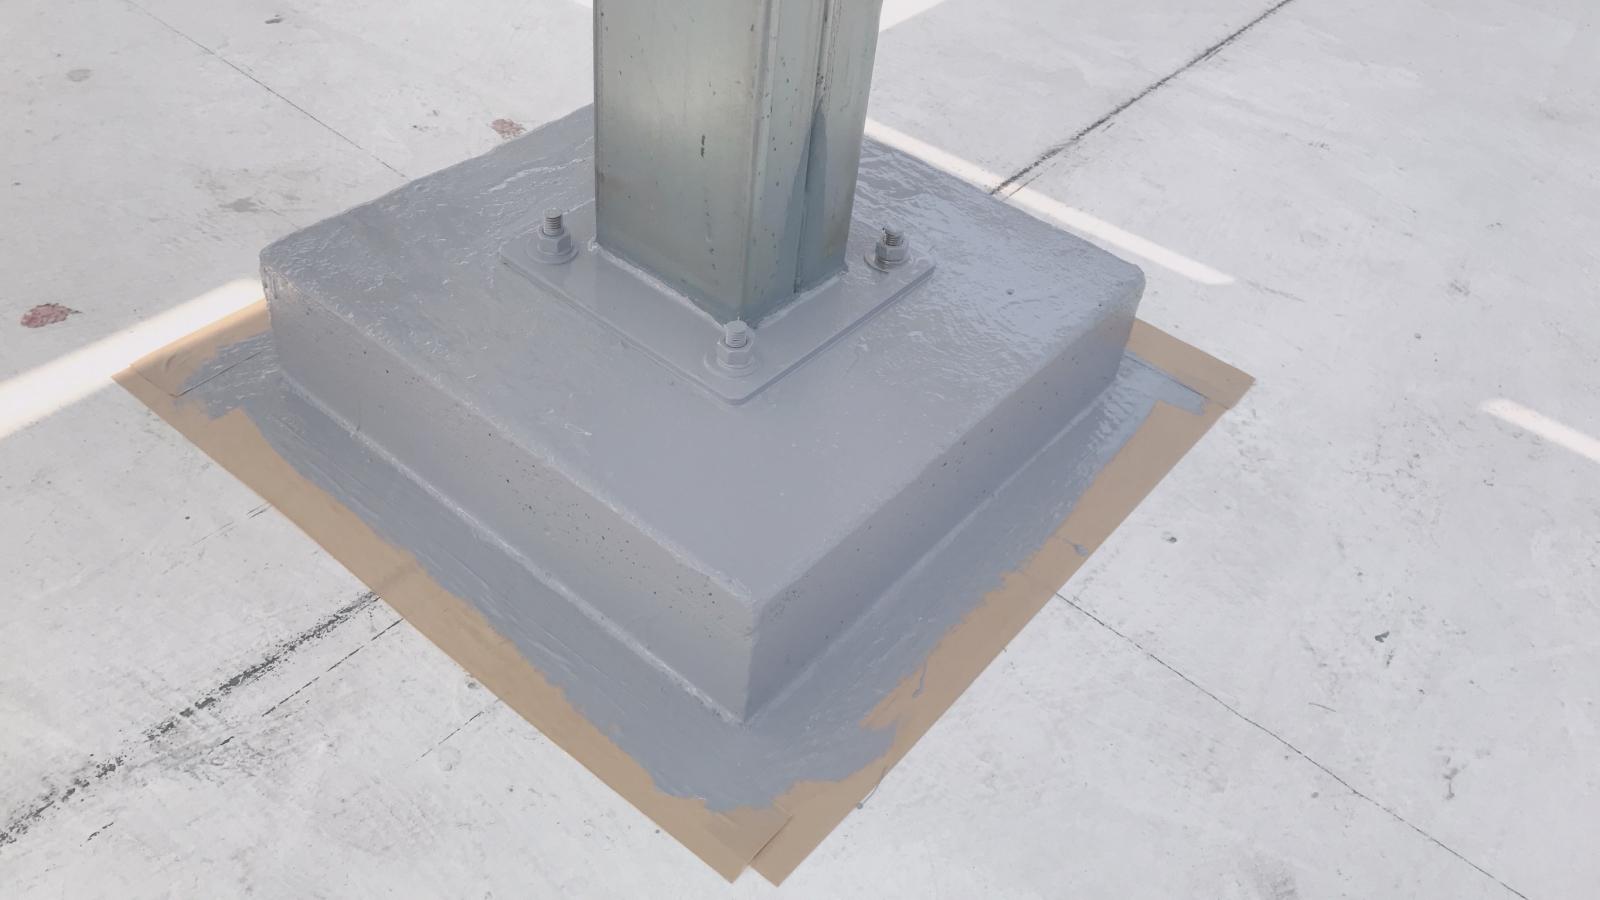 水泥基礎座上塗佈二次防水漆